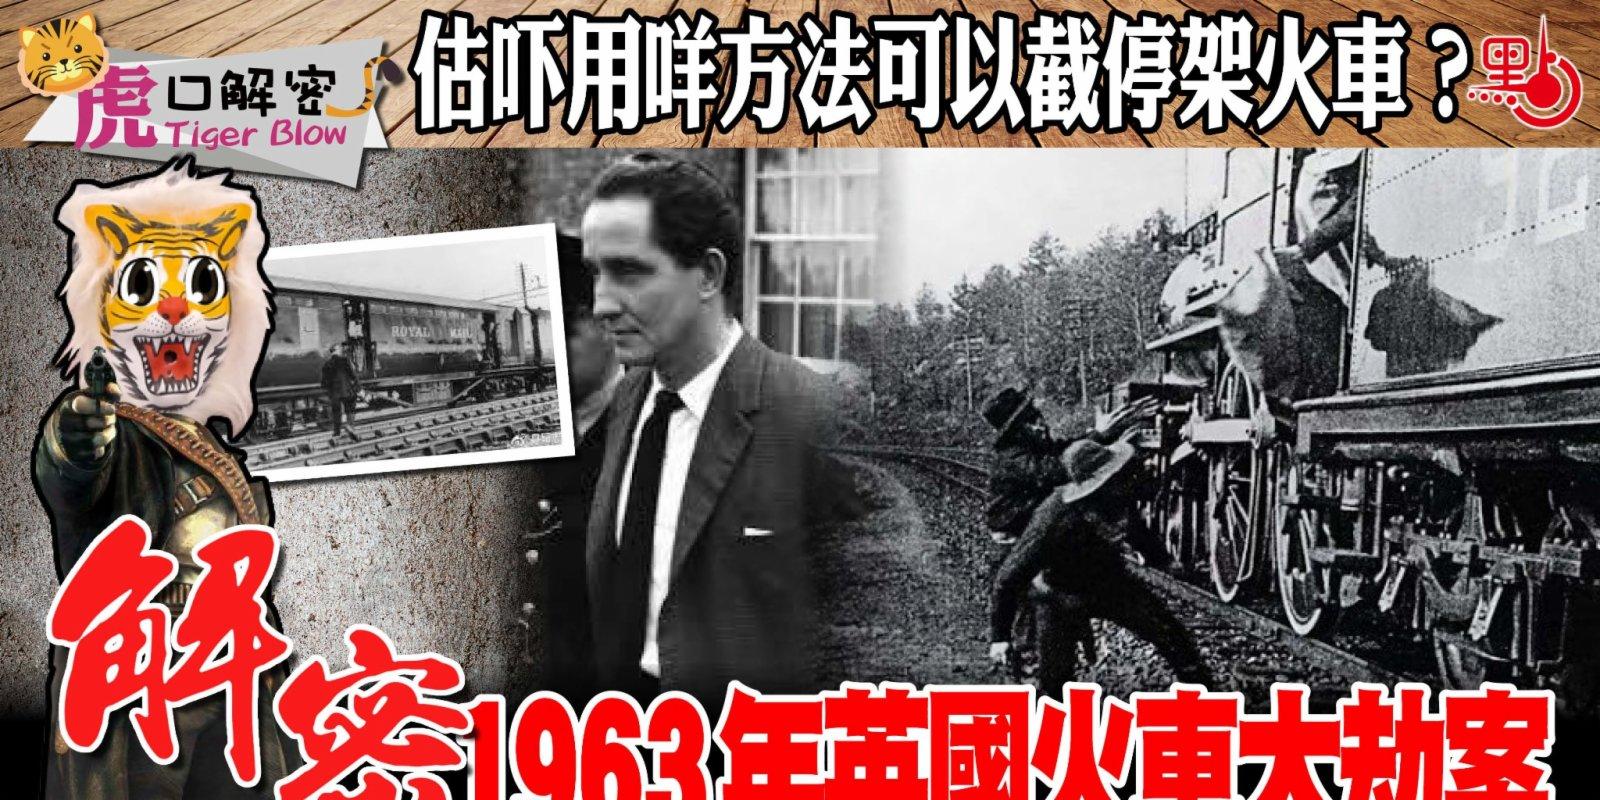 虎口解密|估吓用咩方法可以截停架火車? 解密1963年英國火車大劫案